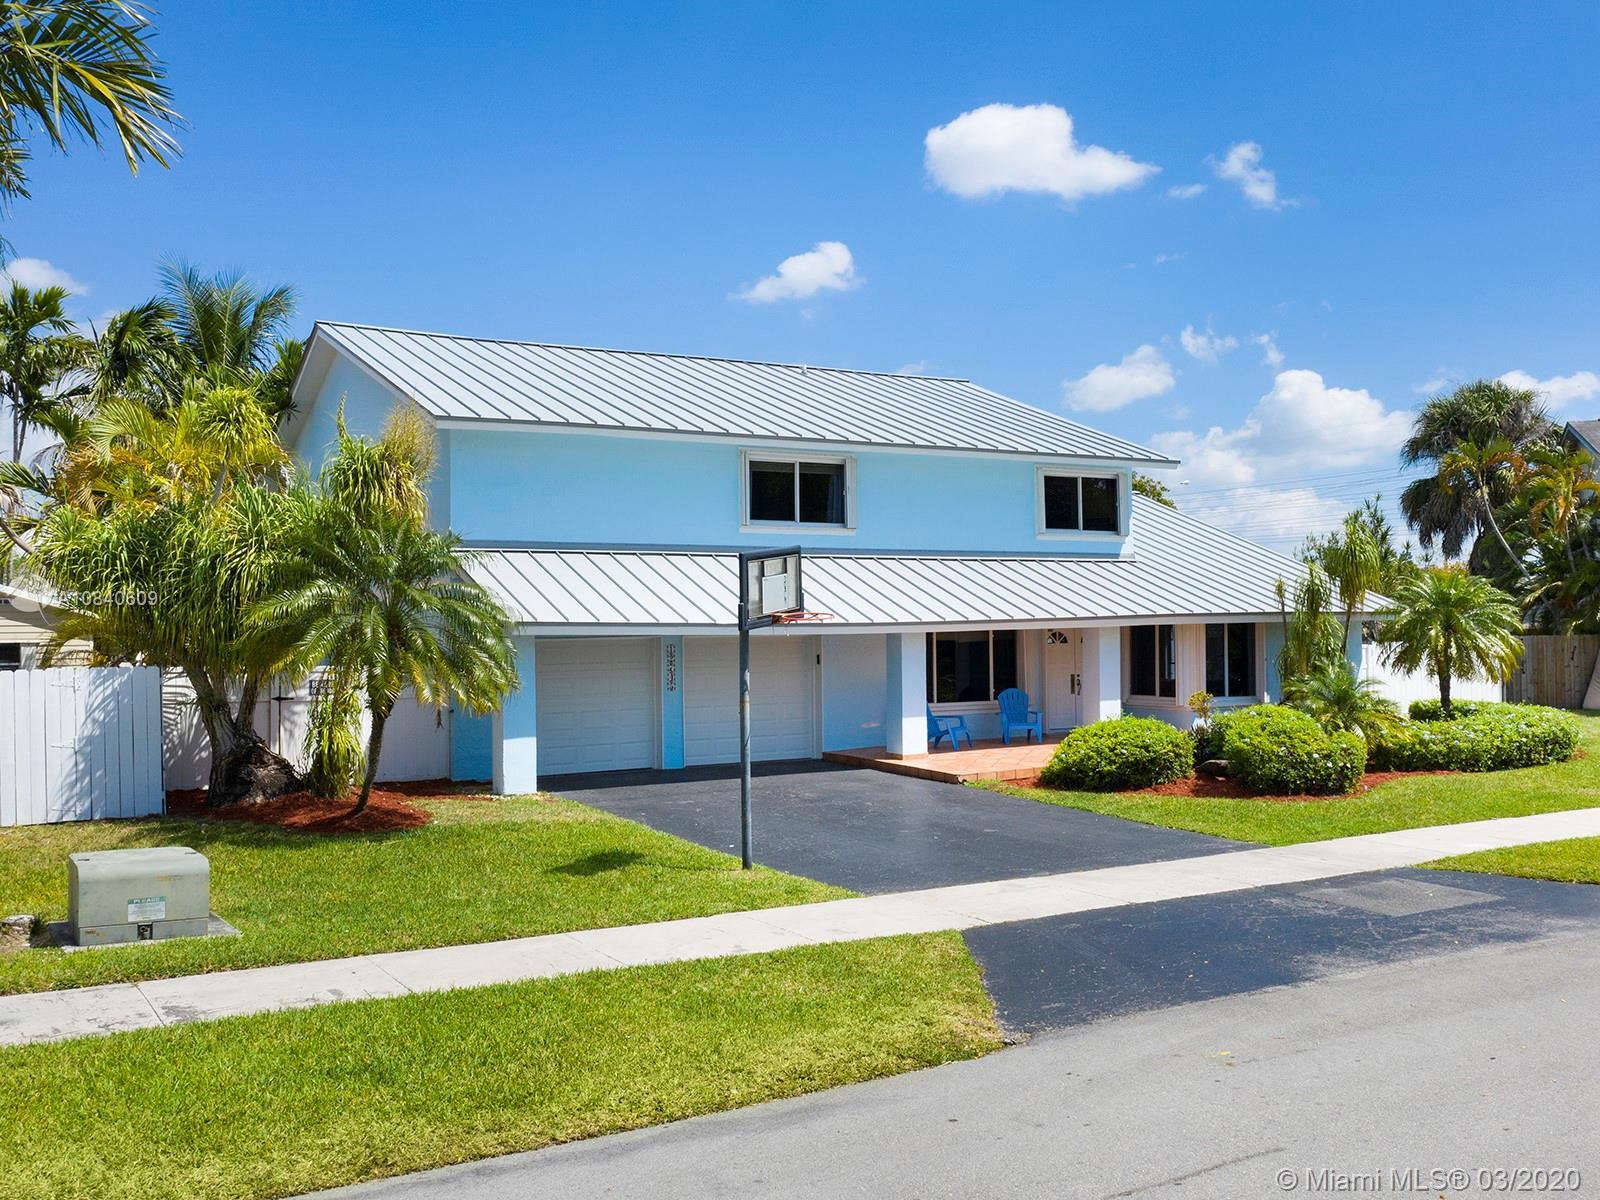 12745 SW 110th Ter, Miami, FL 33186 - Miami, FL real estate listing